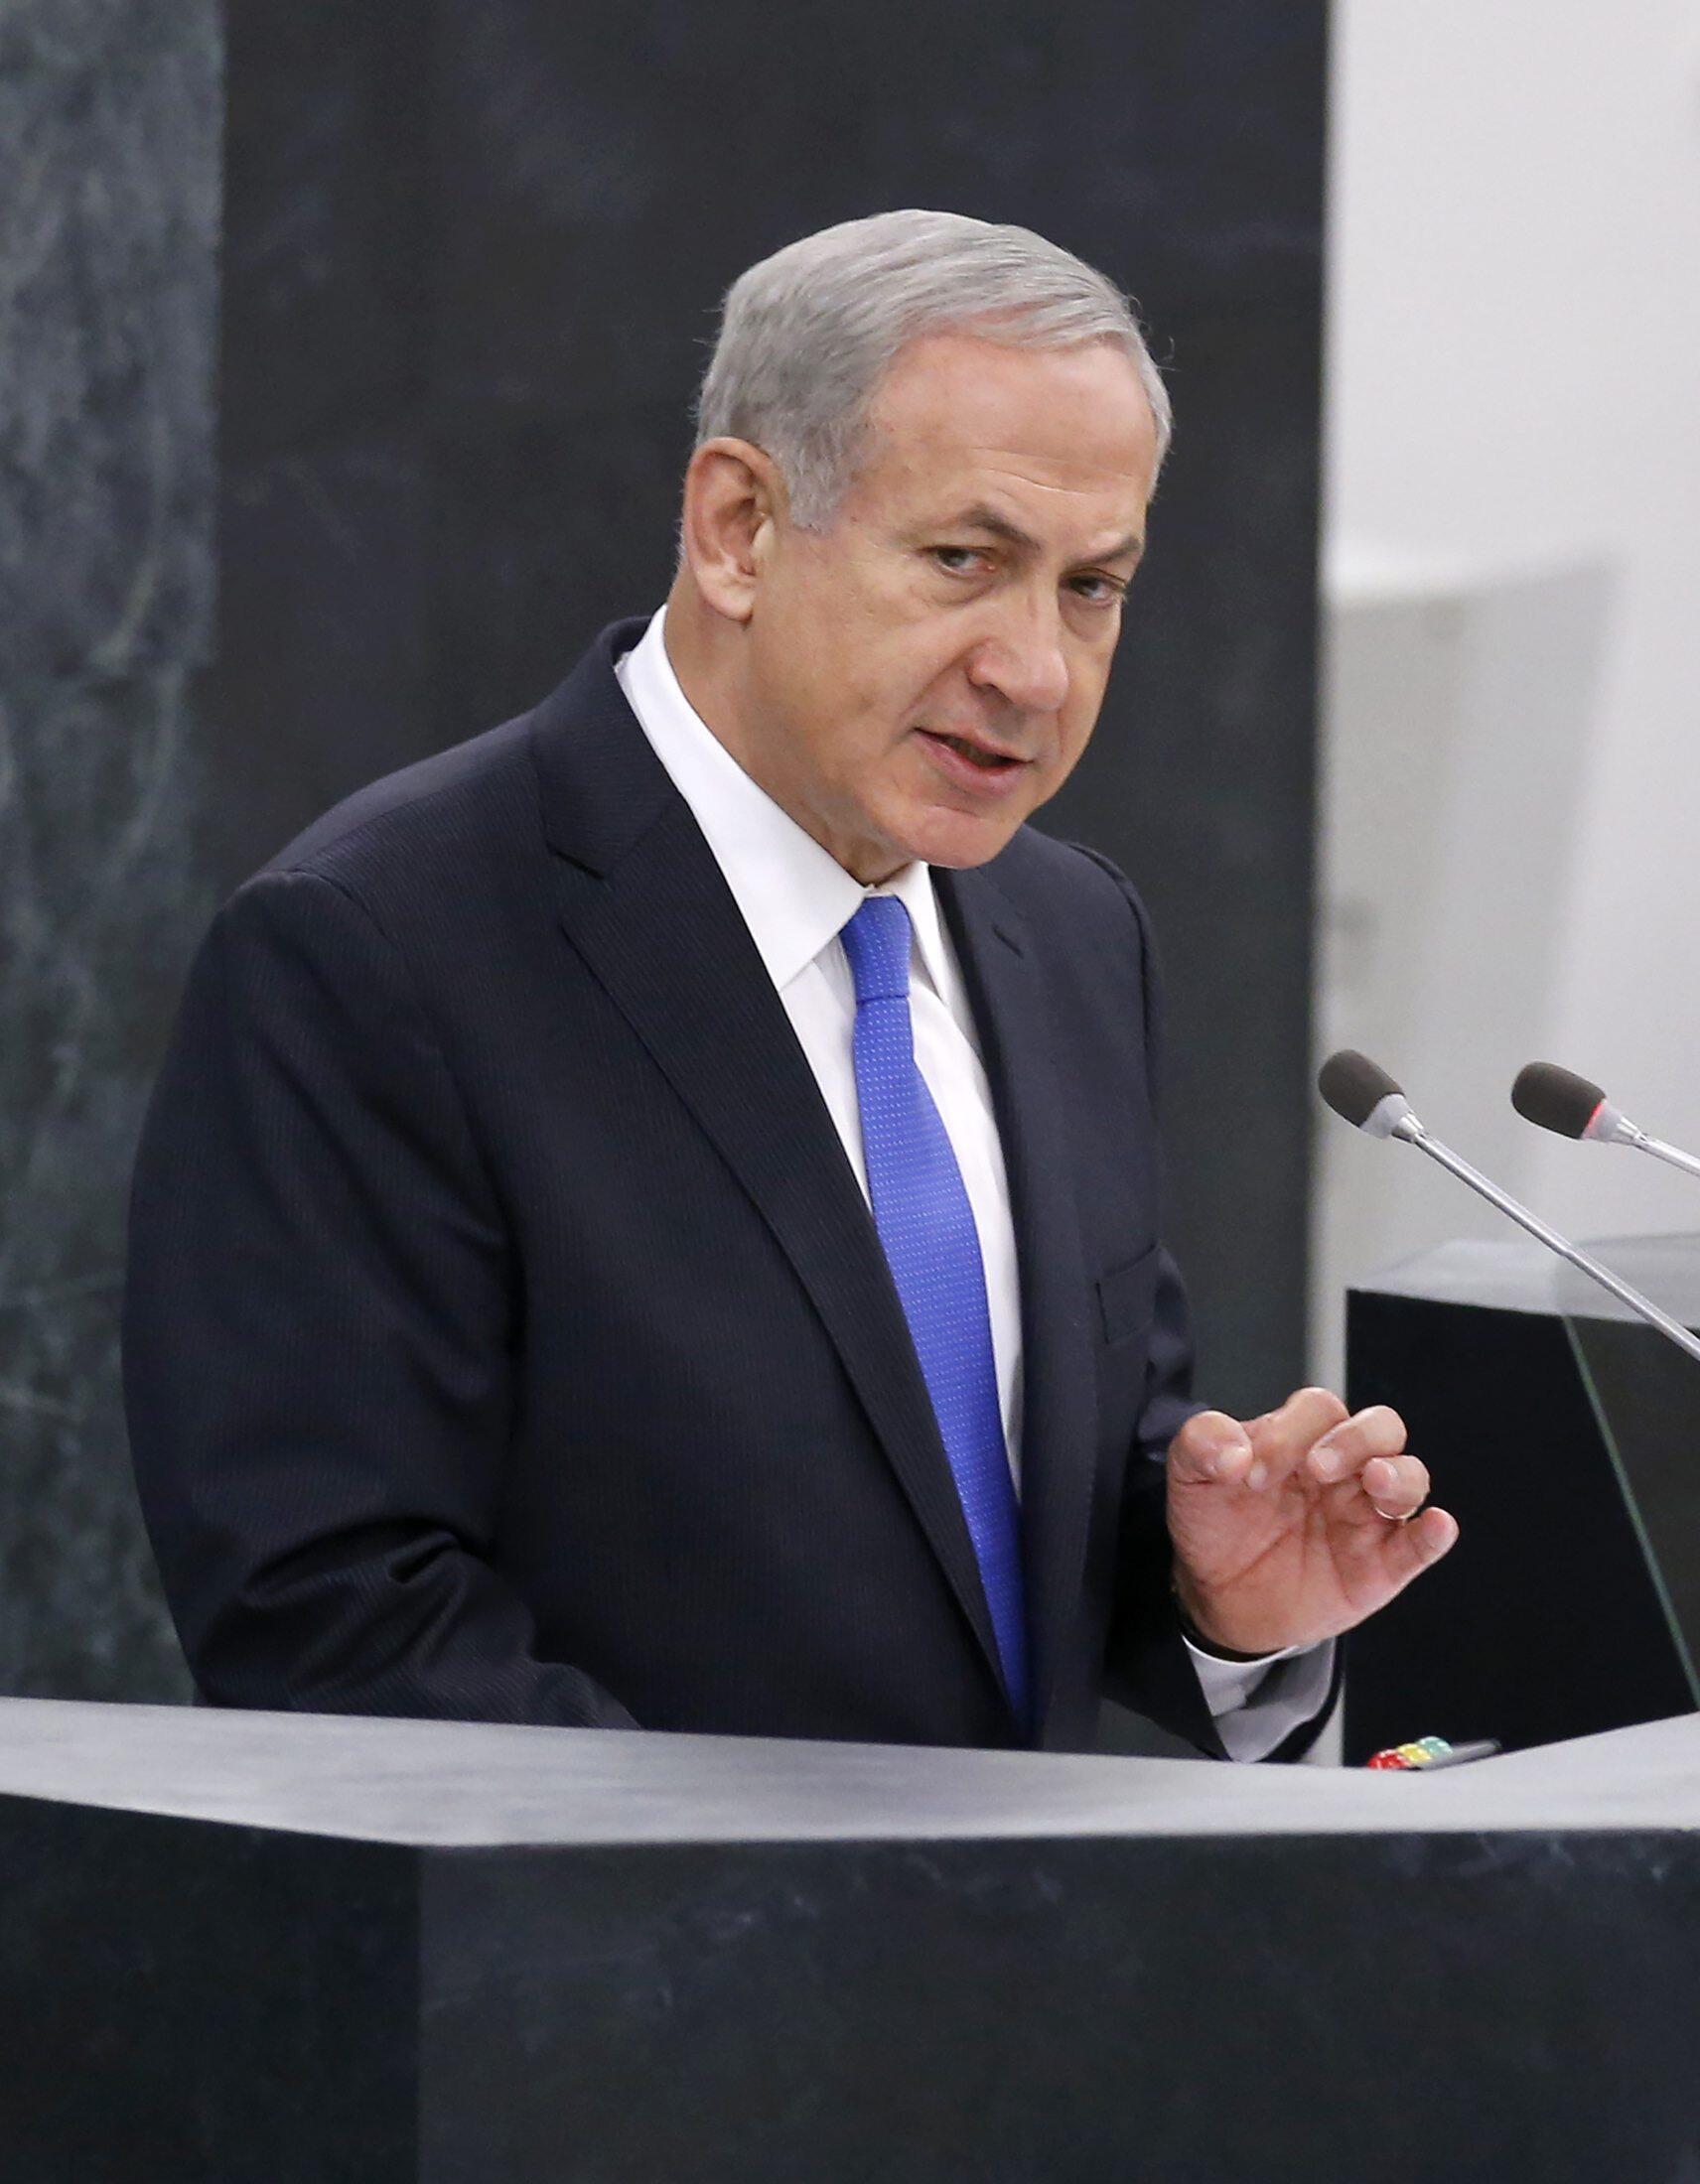 O primeiro-ministro de Israel, Benjamin Netanyahou, durante discurso na tribuna da Assembleia Geral da ONU em 1° de outubro de 2013.